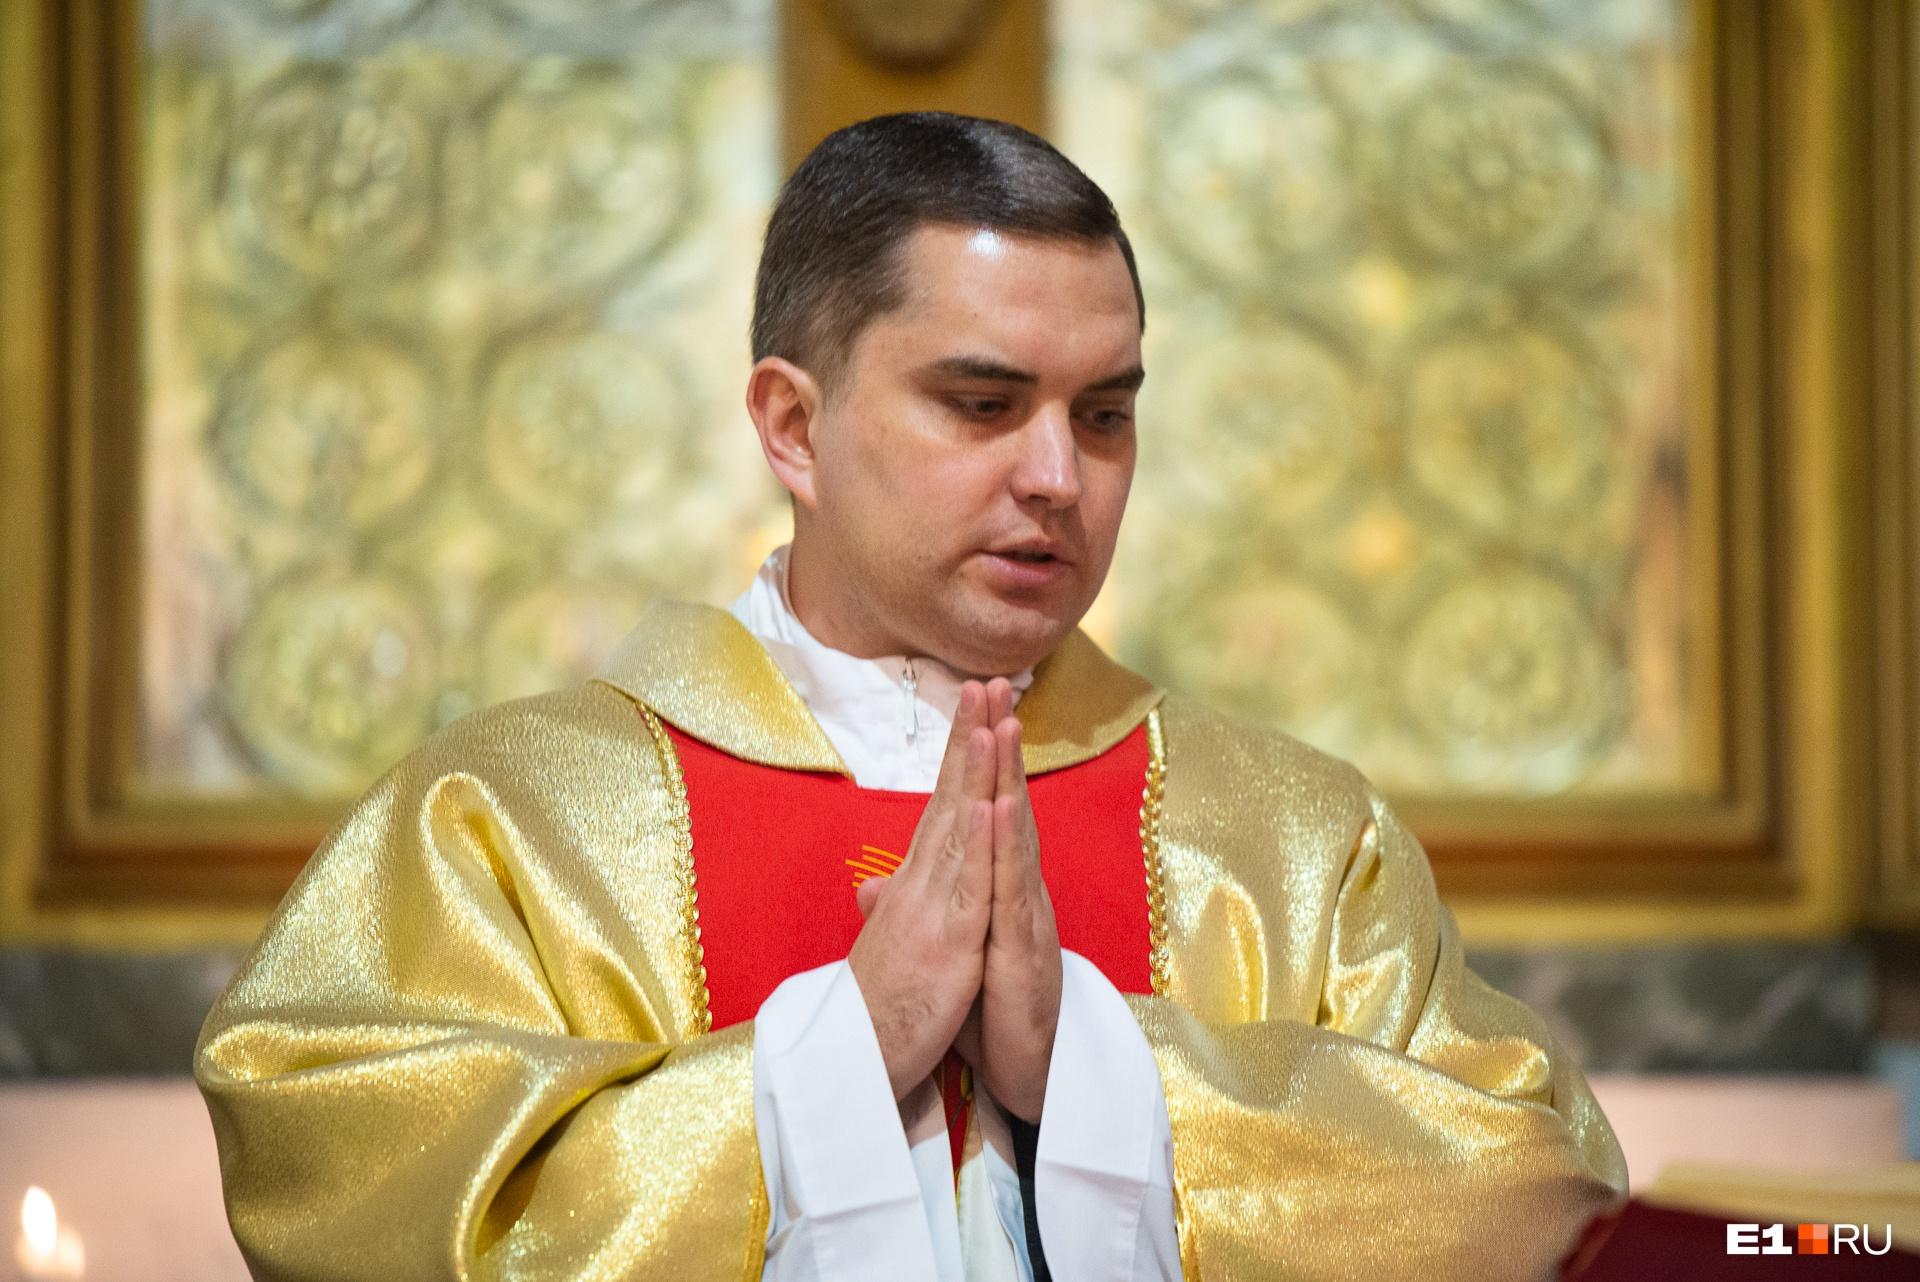 Священник прочитал первую главу из Евангелия от Матфея